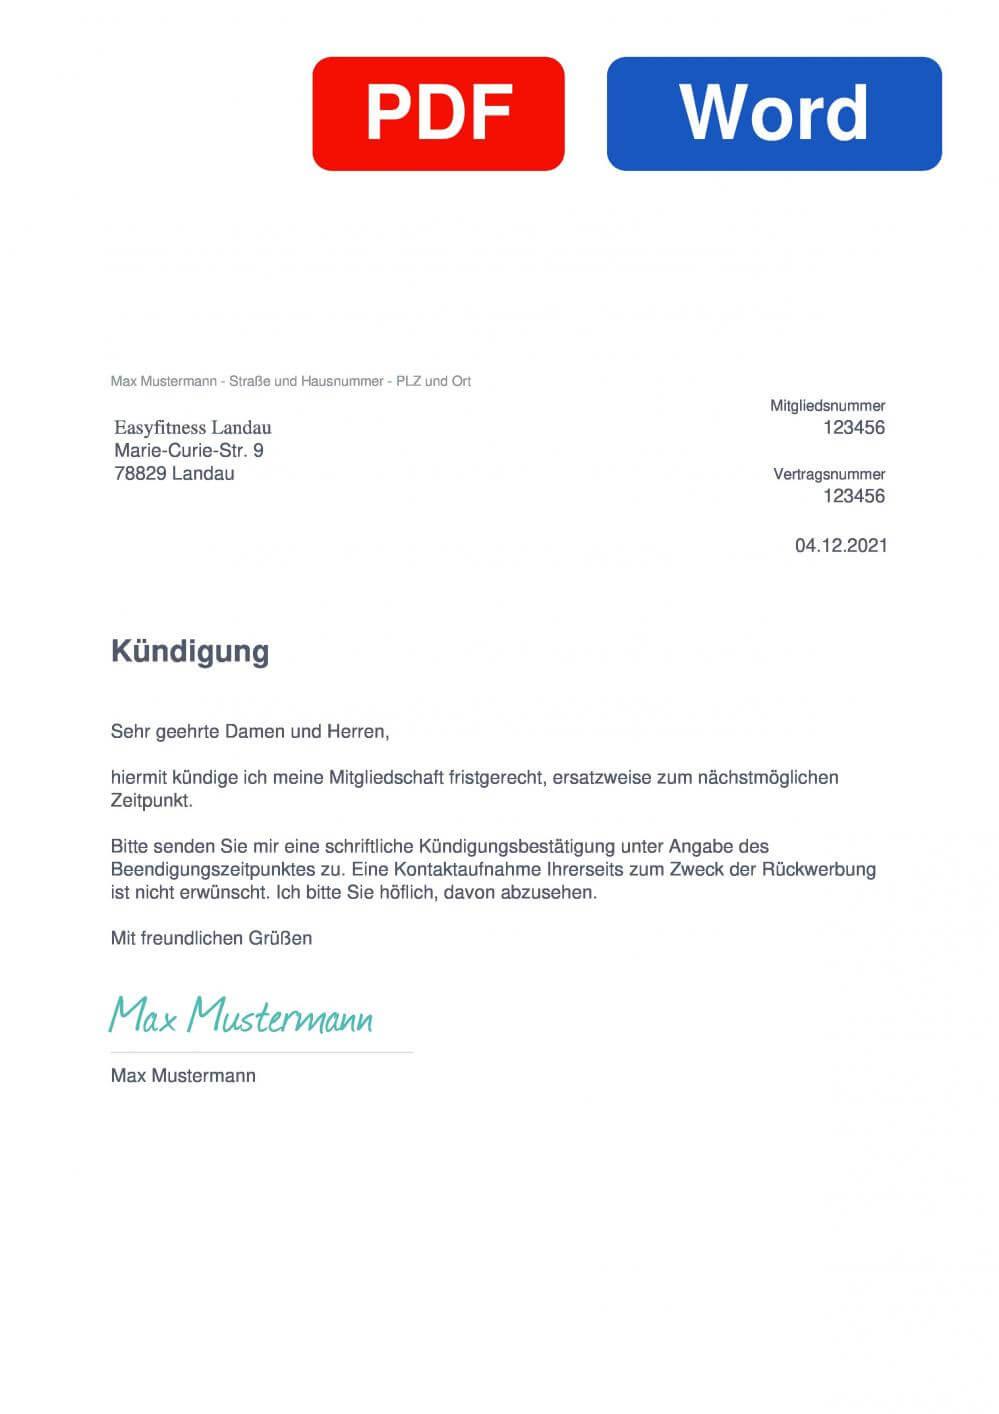 EASYFITNESS Landau Muster Vorlage für Kündigungsschreiben